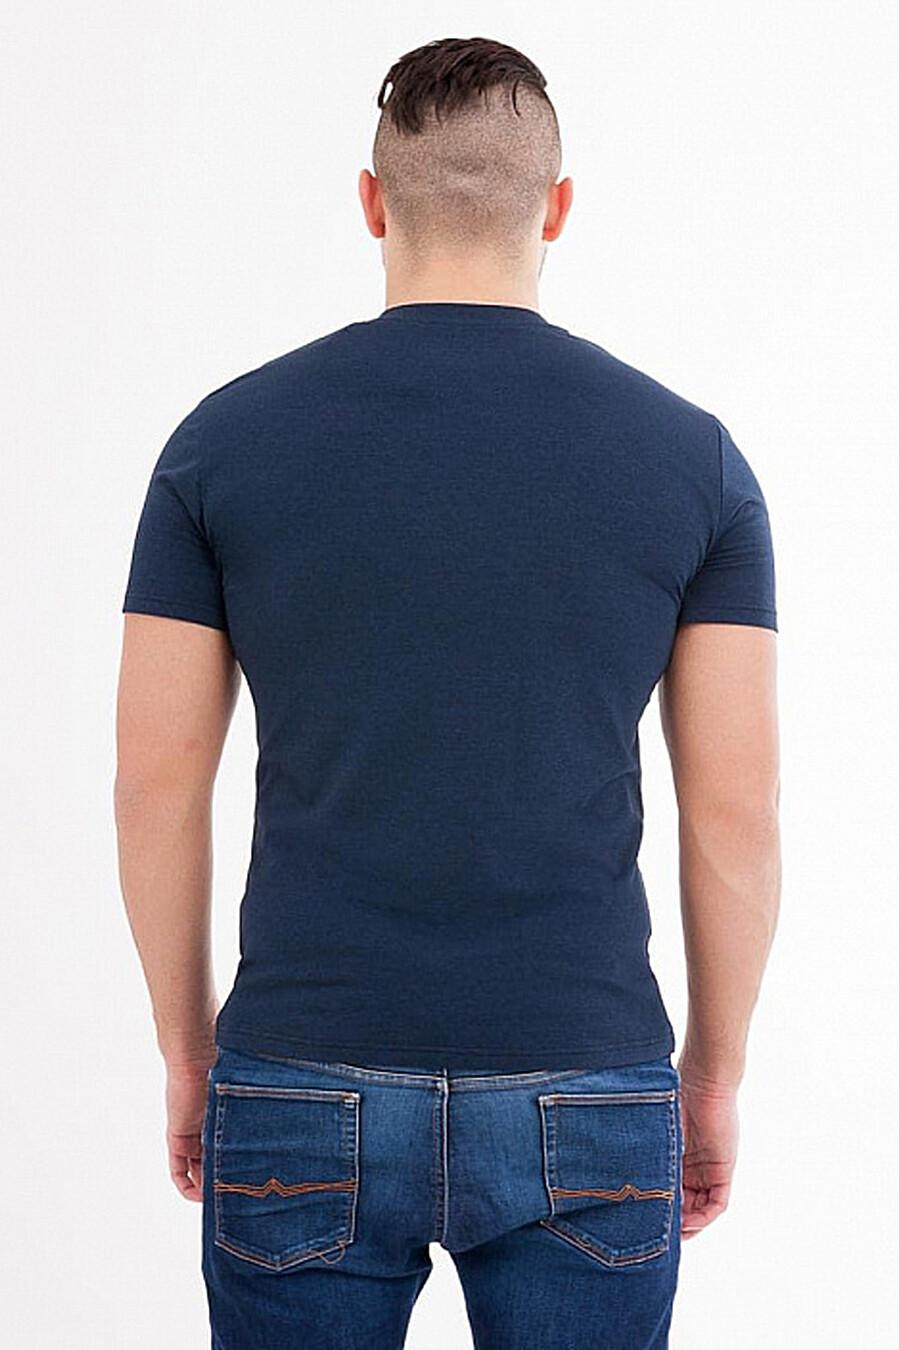 Фуфайка для мужчин MARK FORMELLE 218316 купить оптом от производителя. Совместная покупка мужской одежды в OptMoyo